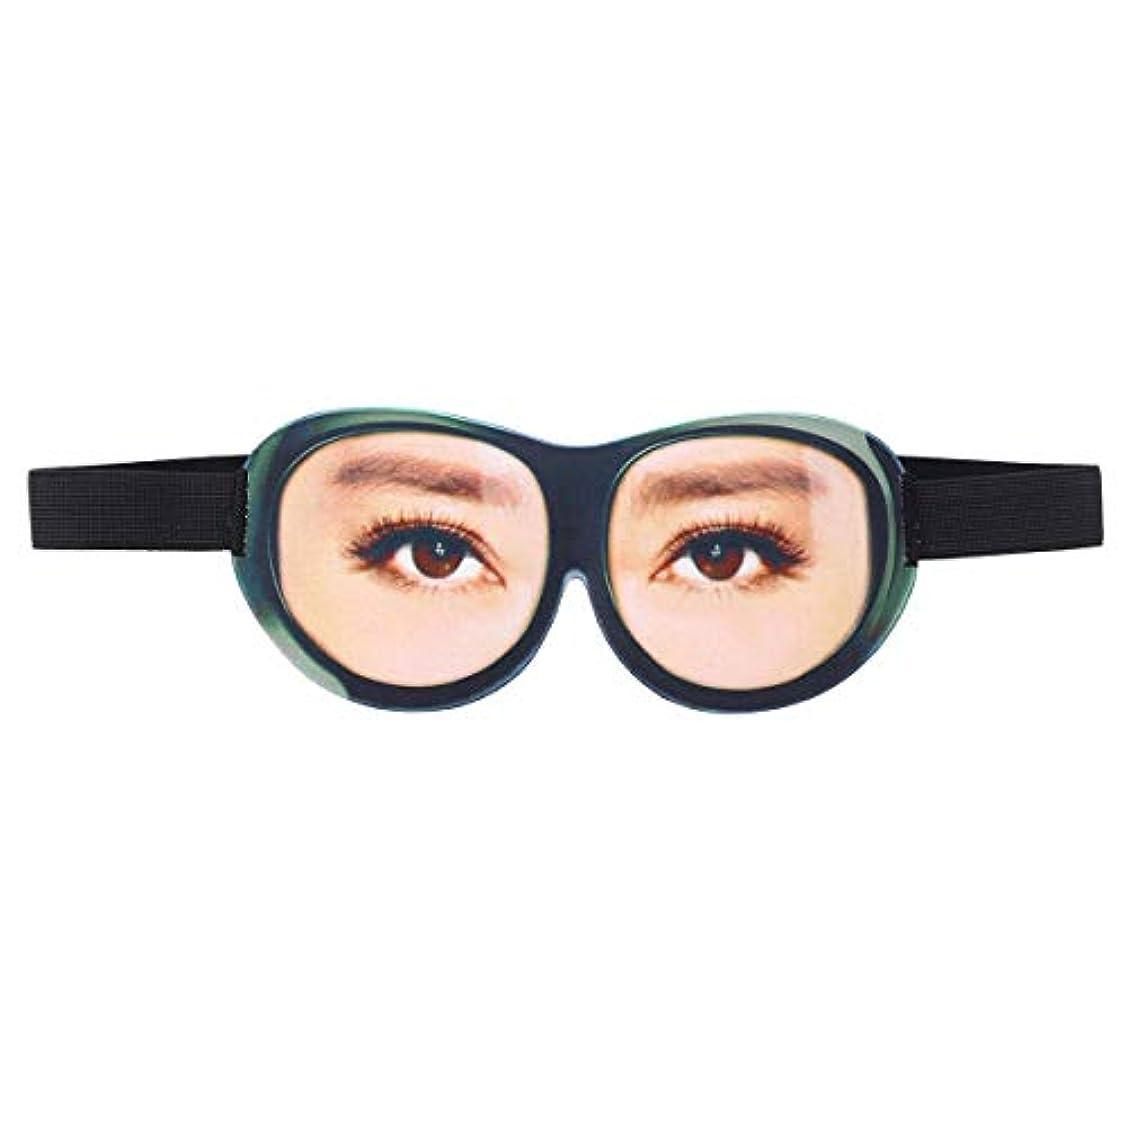 高度予約呪いHealifty 睡眠目隠し3D面白いアイシェード通気性睡眠マスク旅行睡眠ヘルパーアイシェード用男性と女性